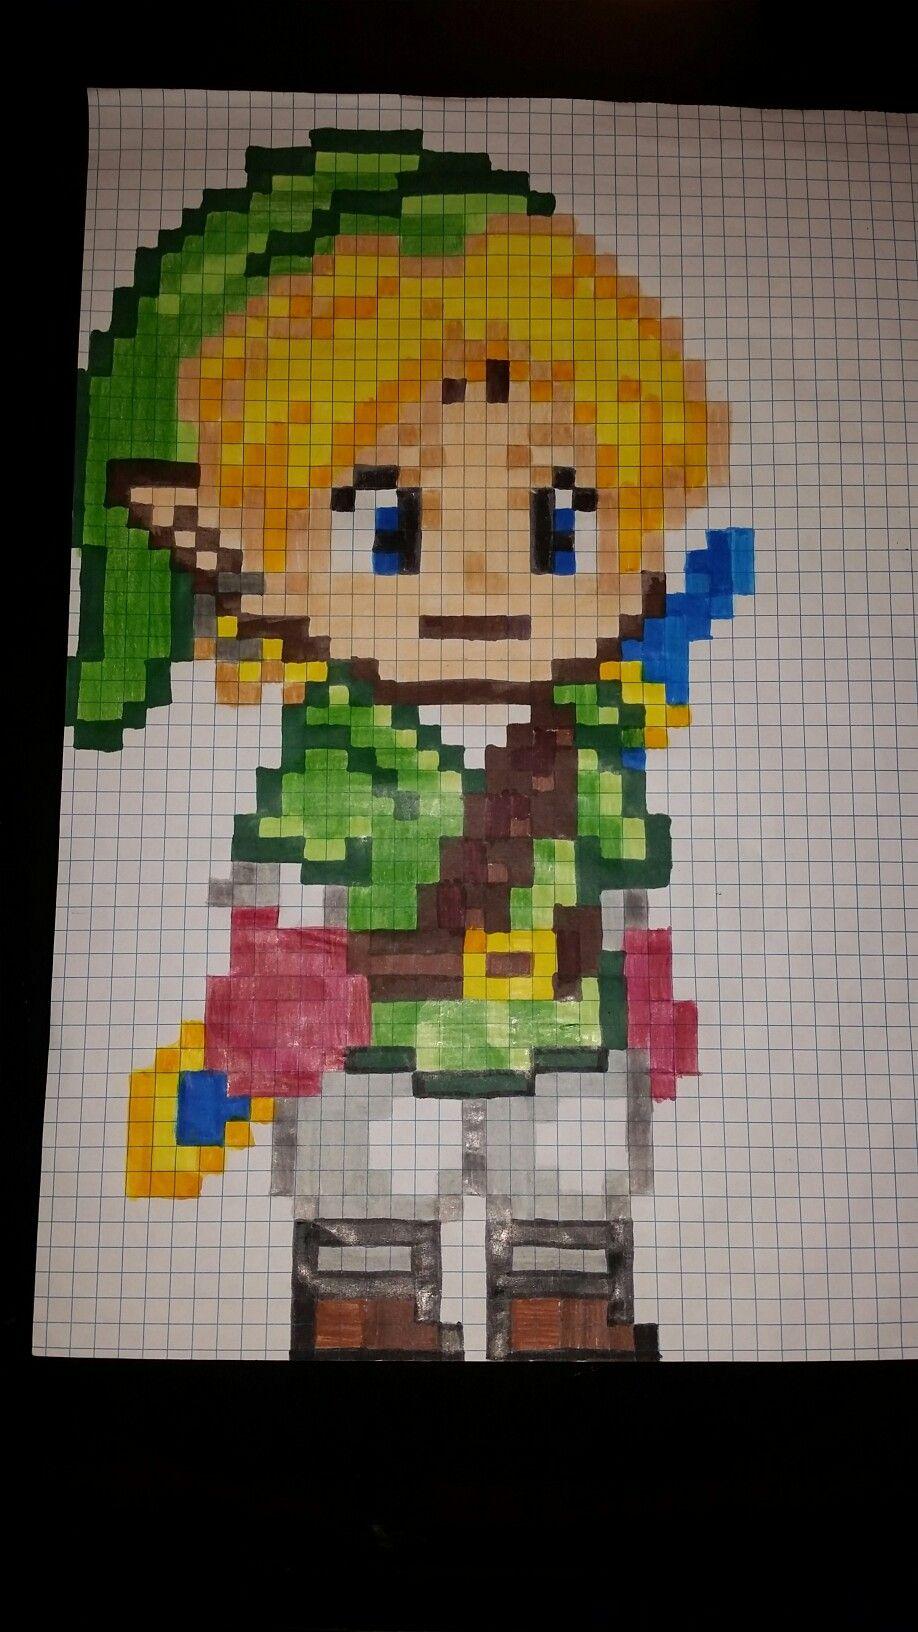 Link Pixel Art Dessin Pixel Dessin Carreau Pixel Art